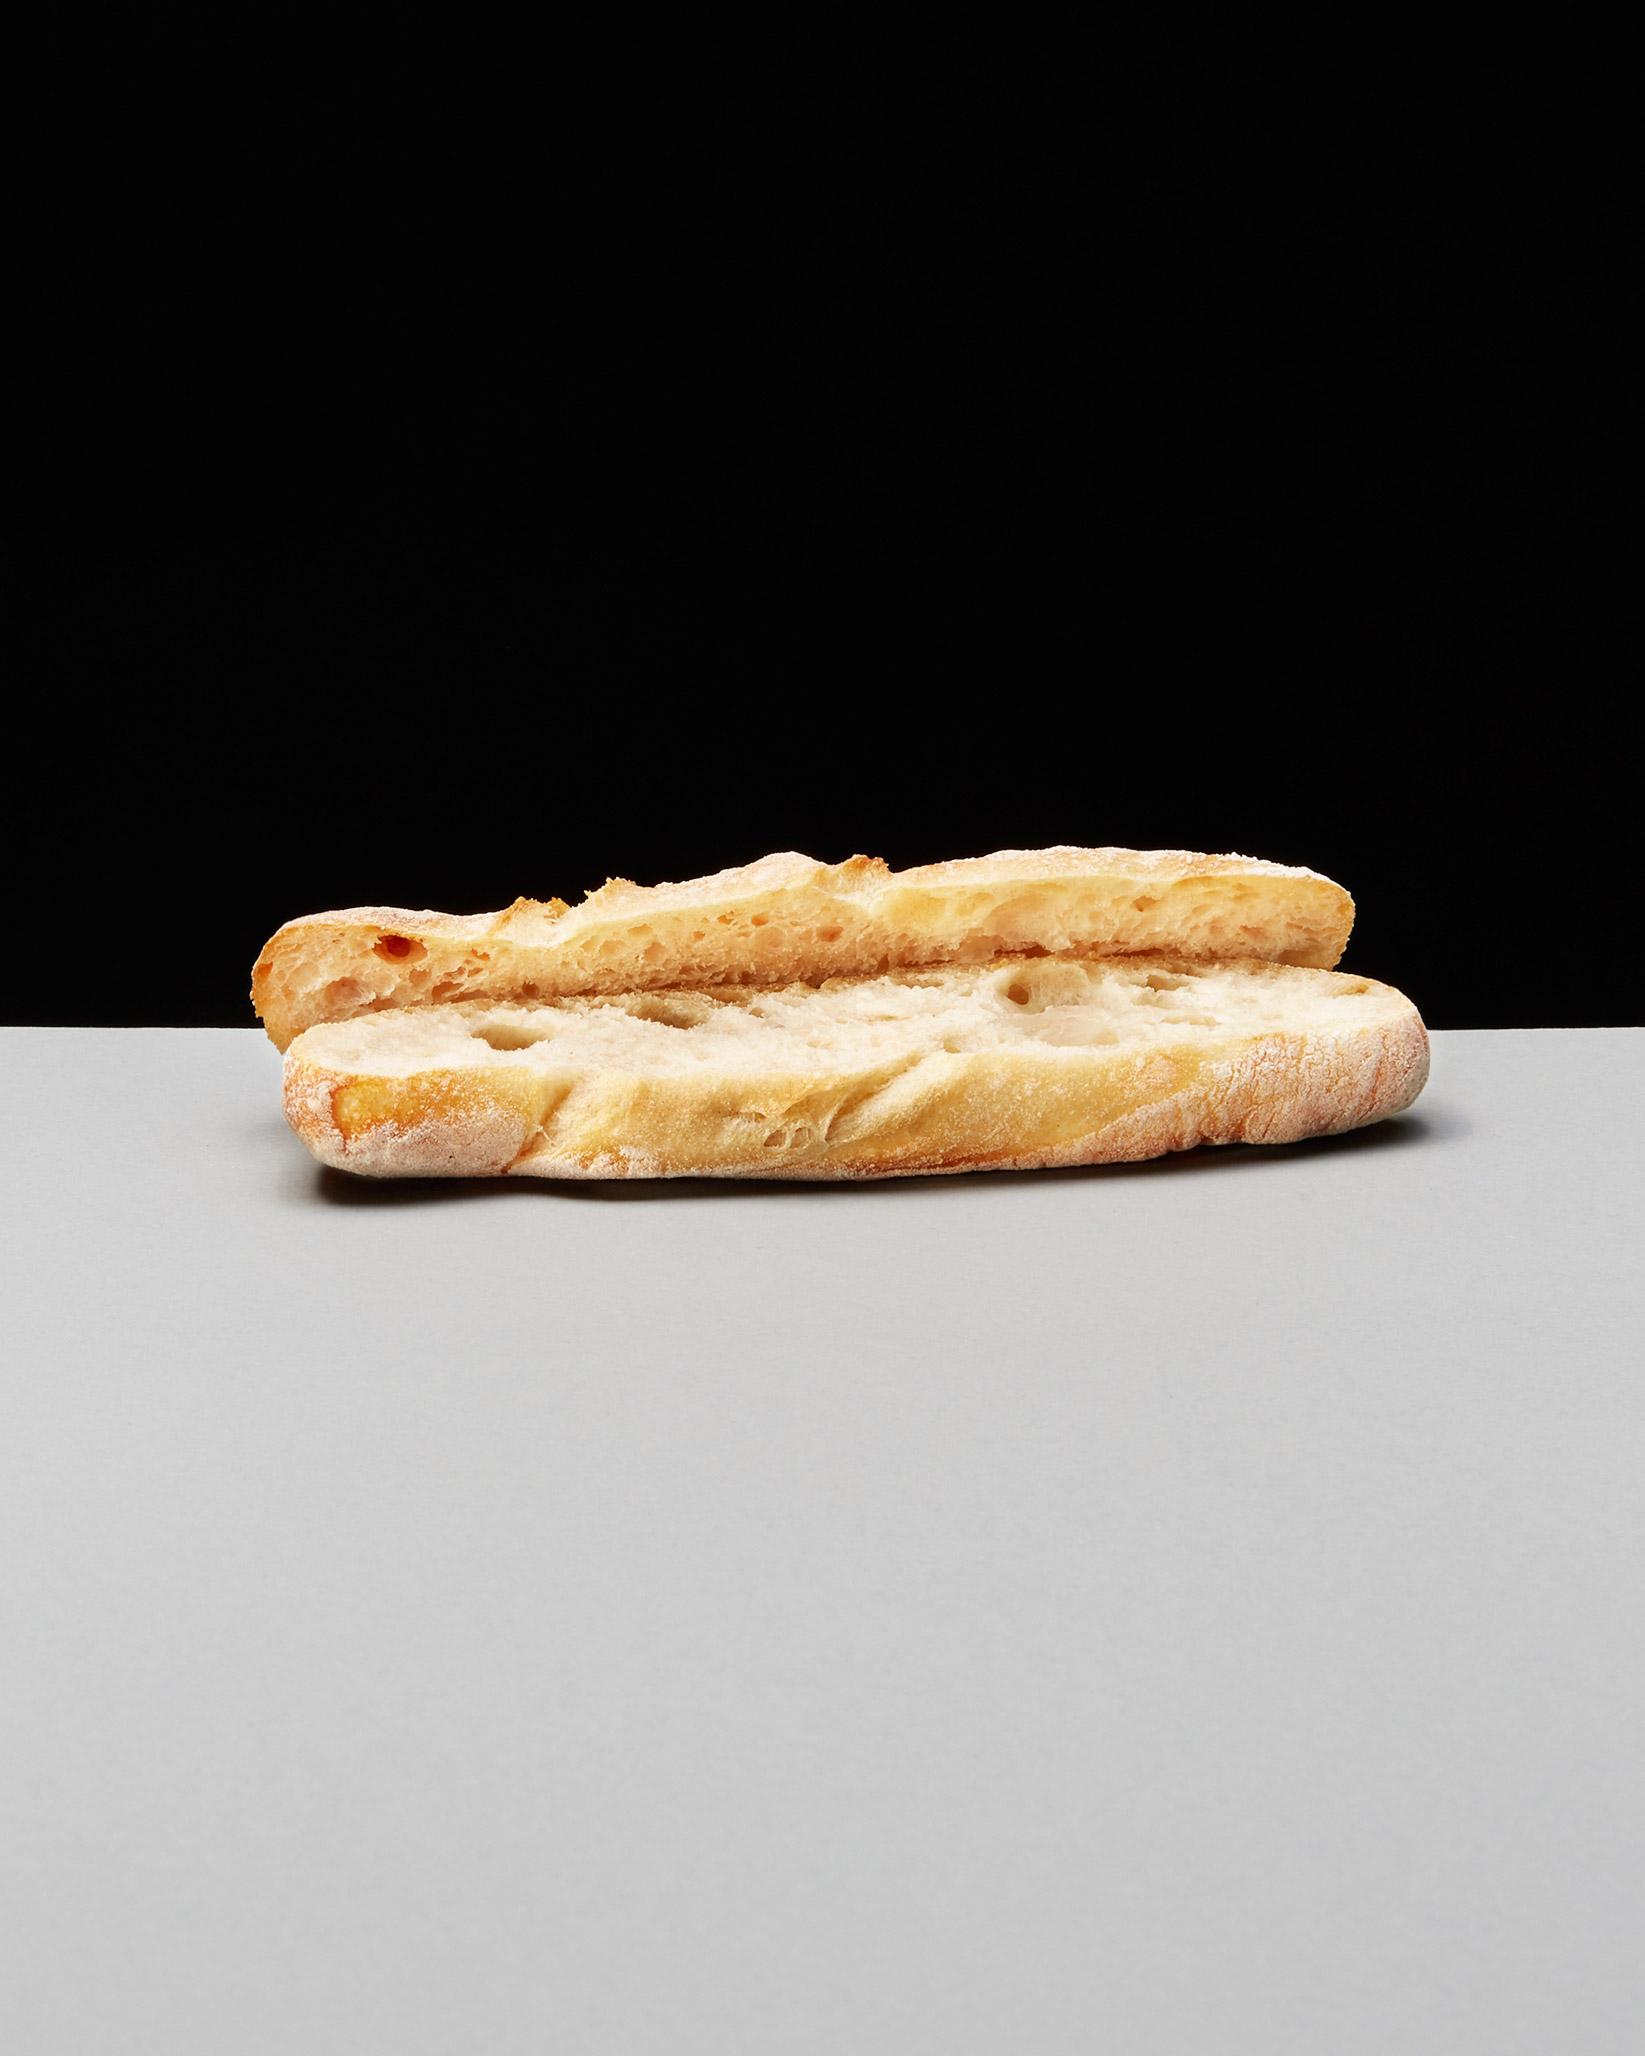 Sandwich ohne Fleisch